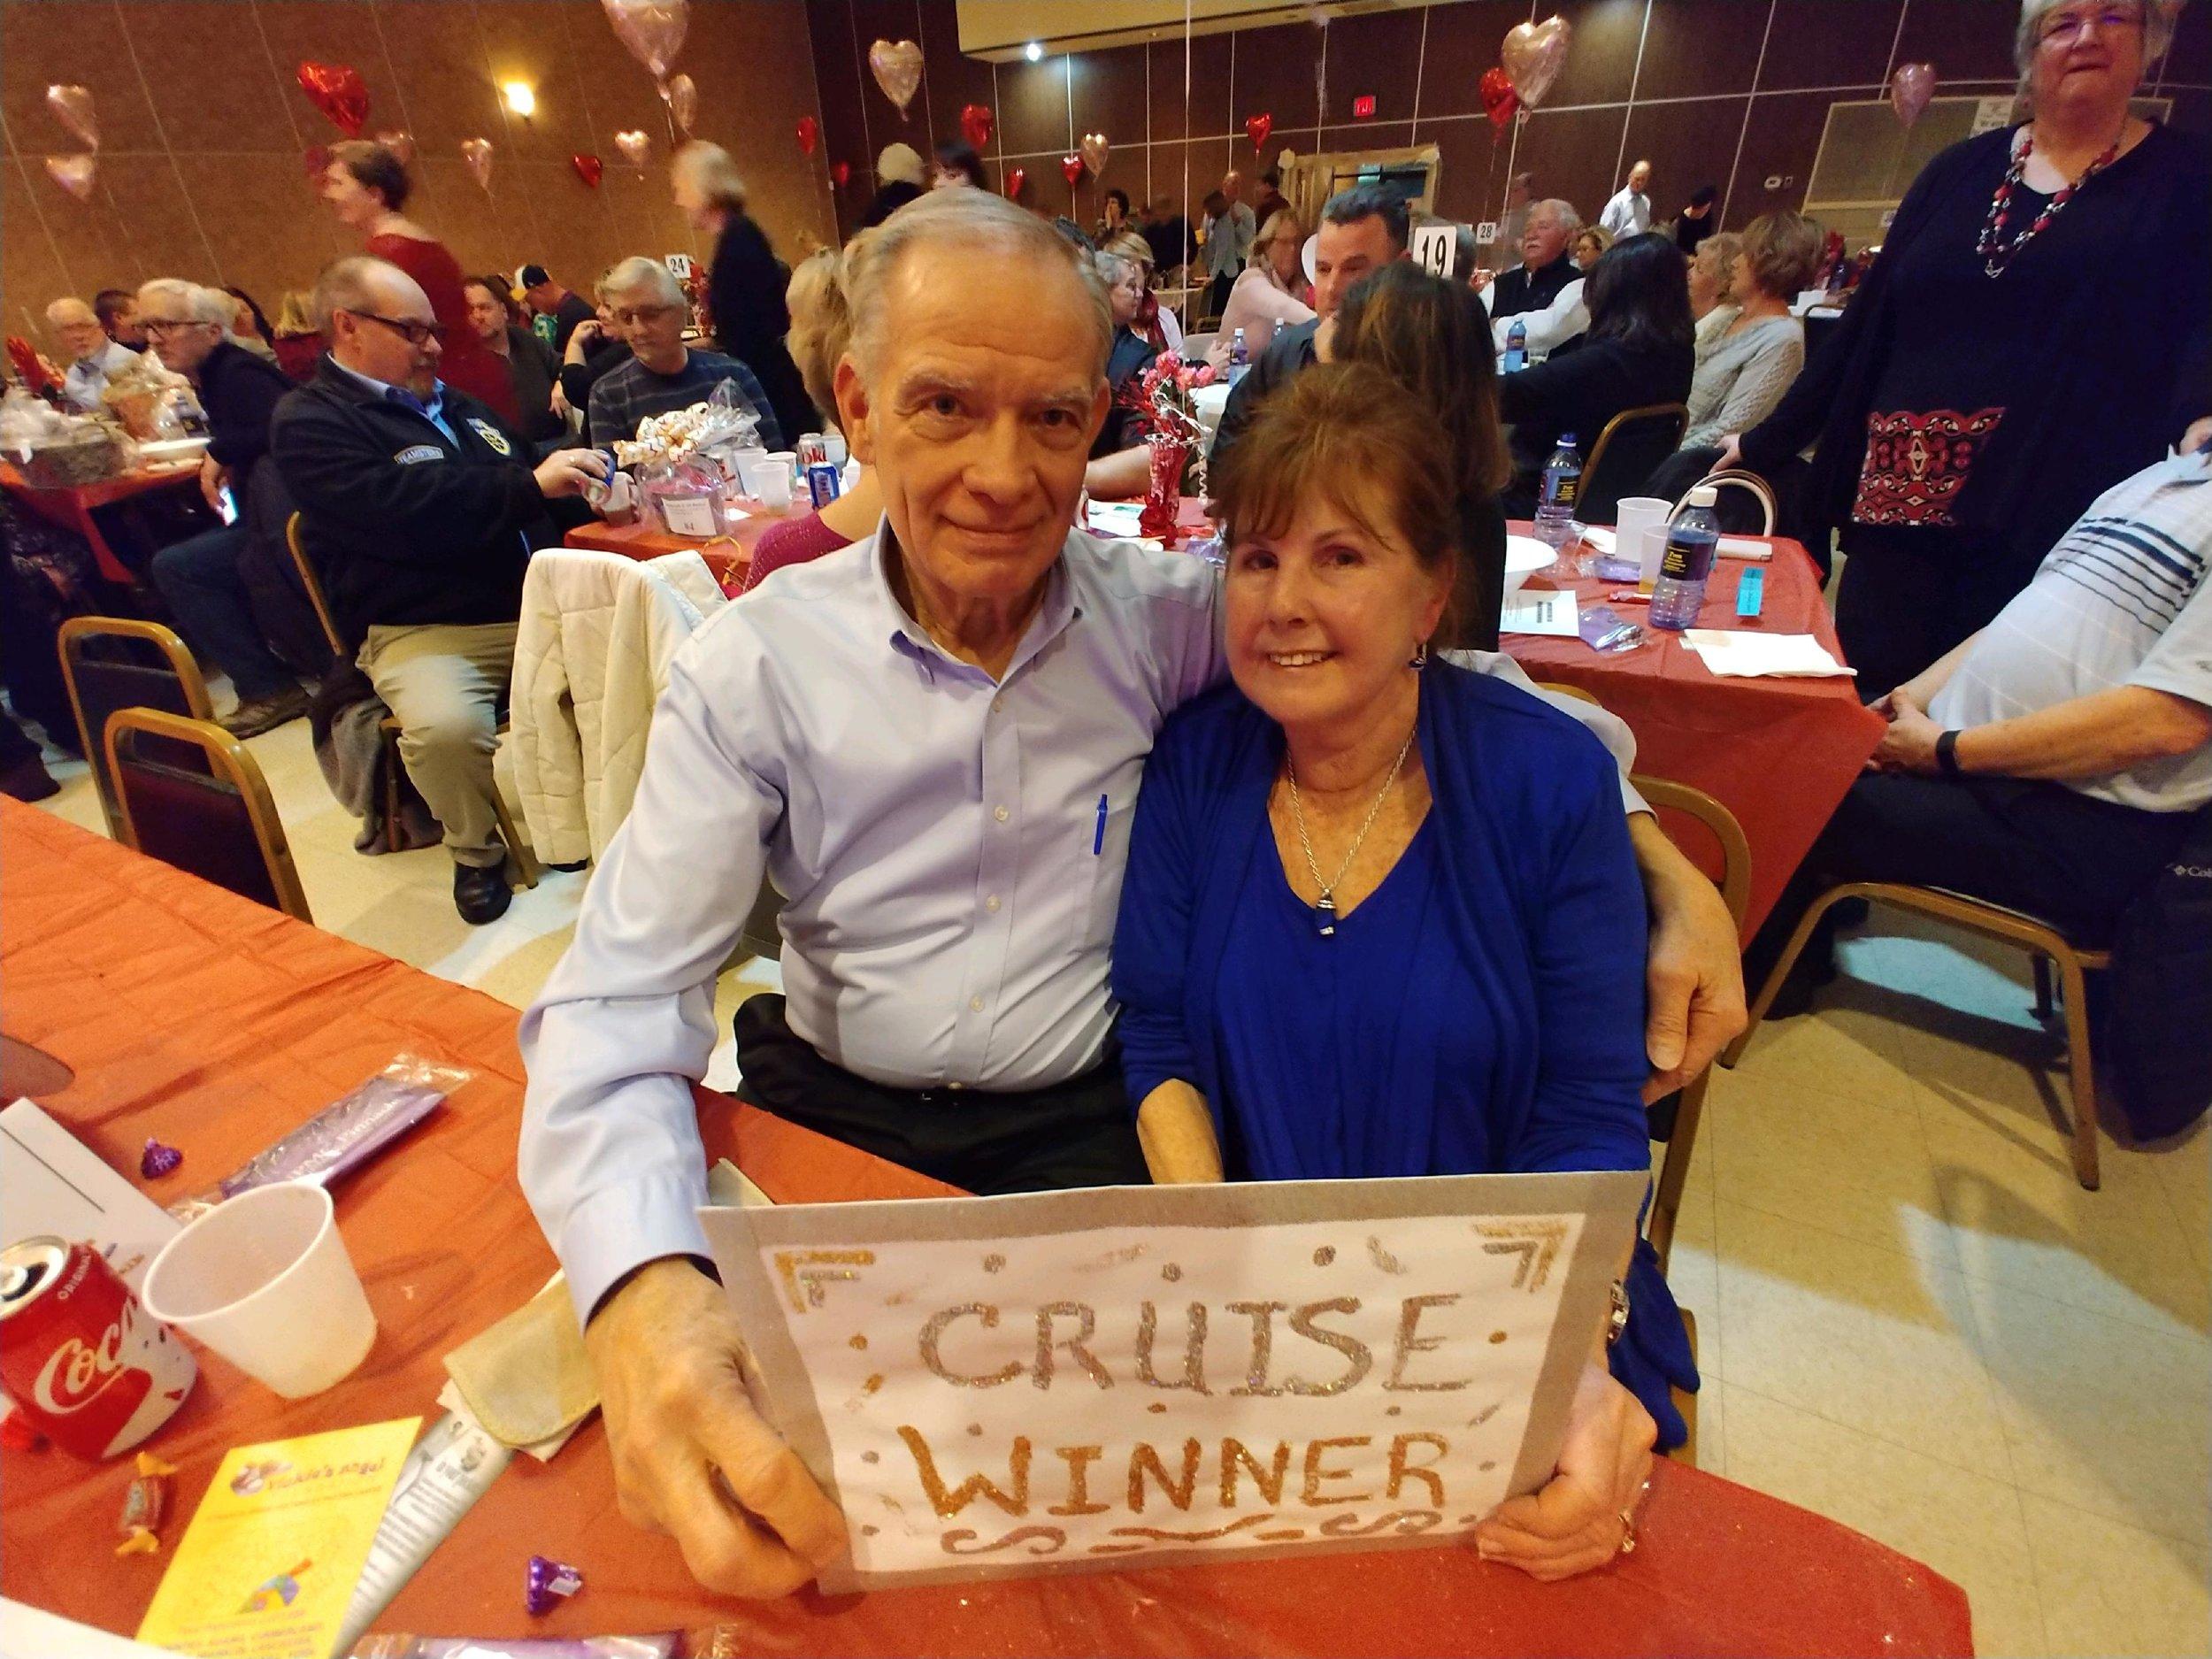 cruise winner picture.jpg